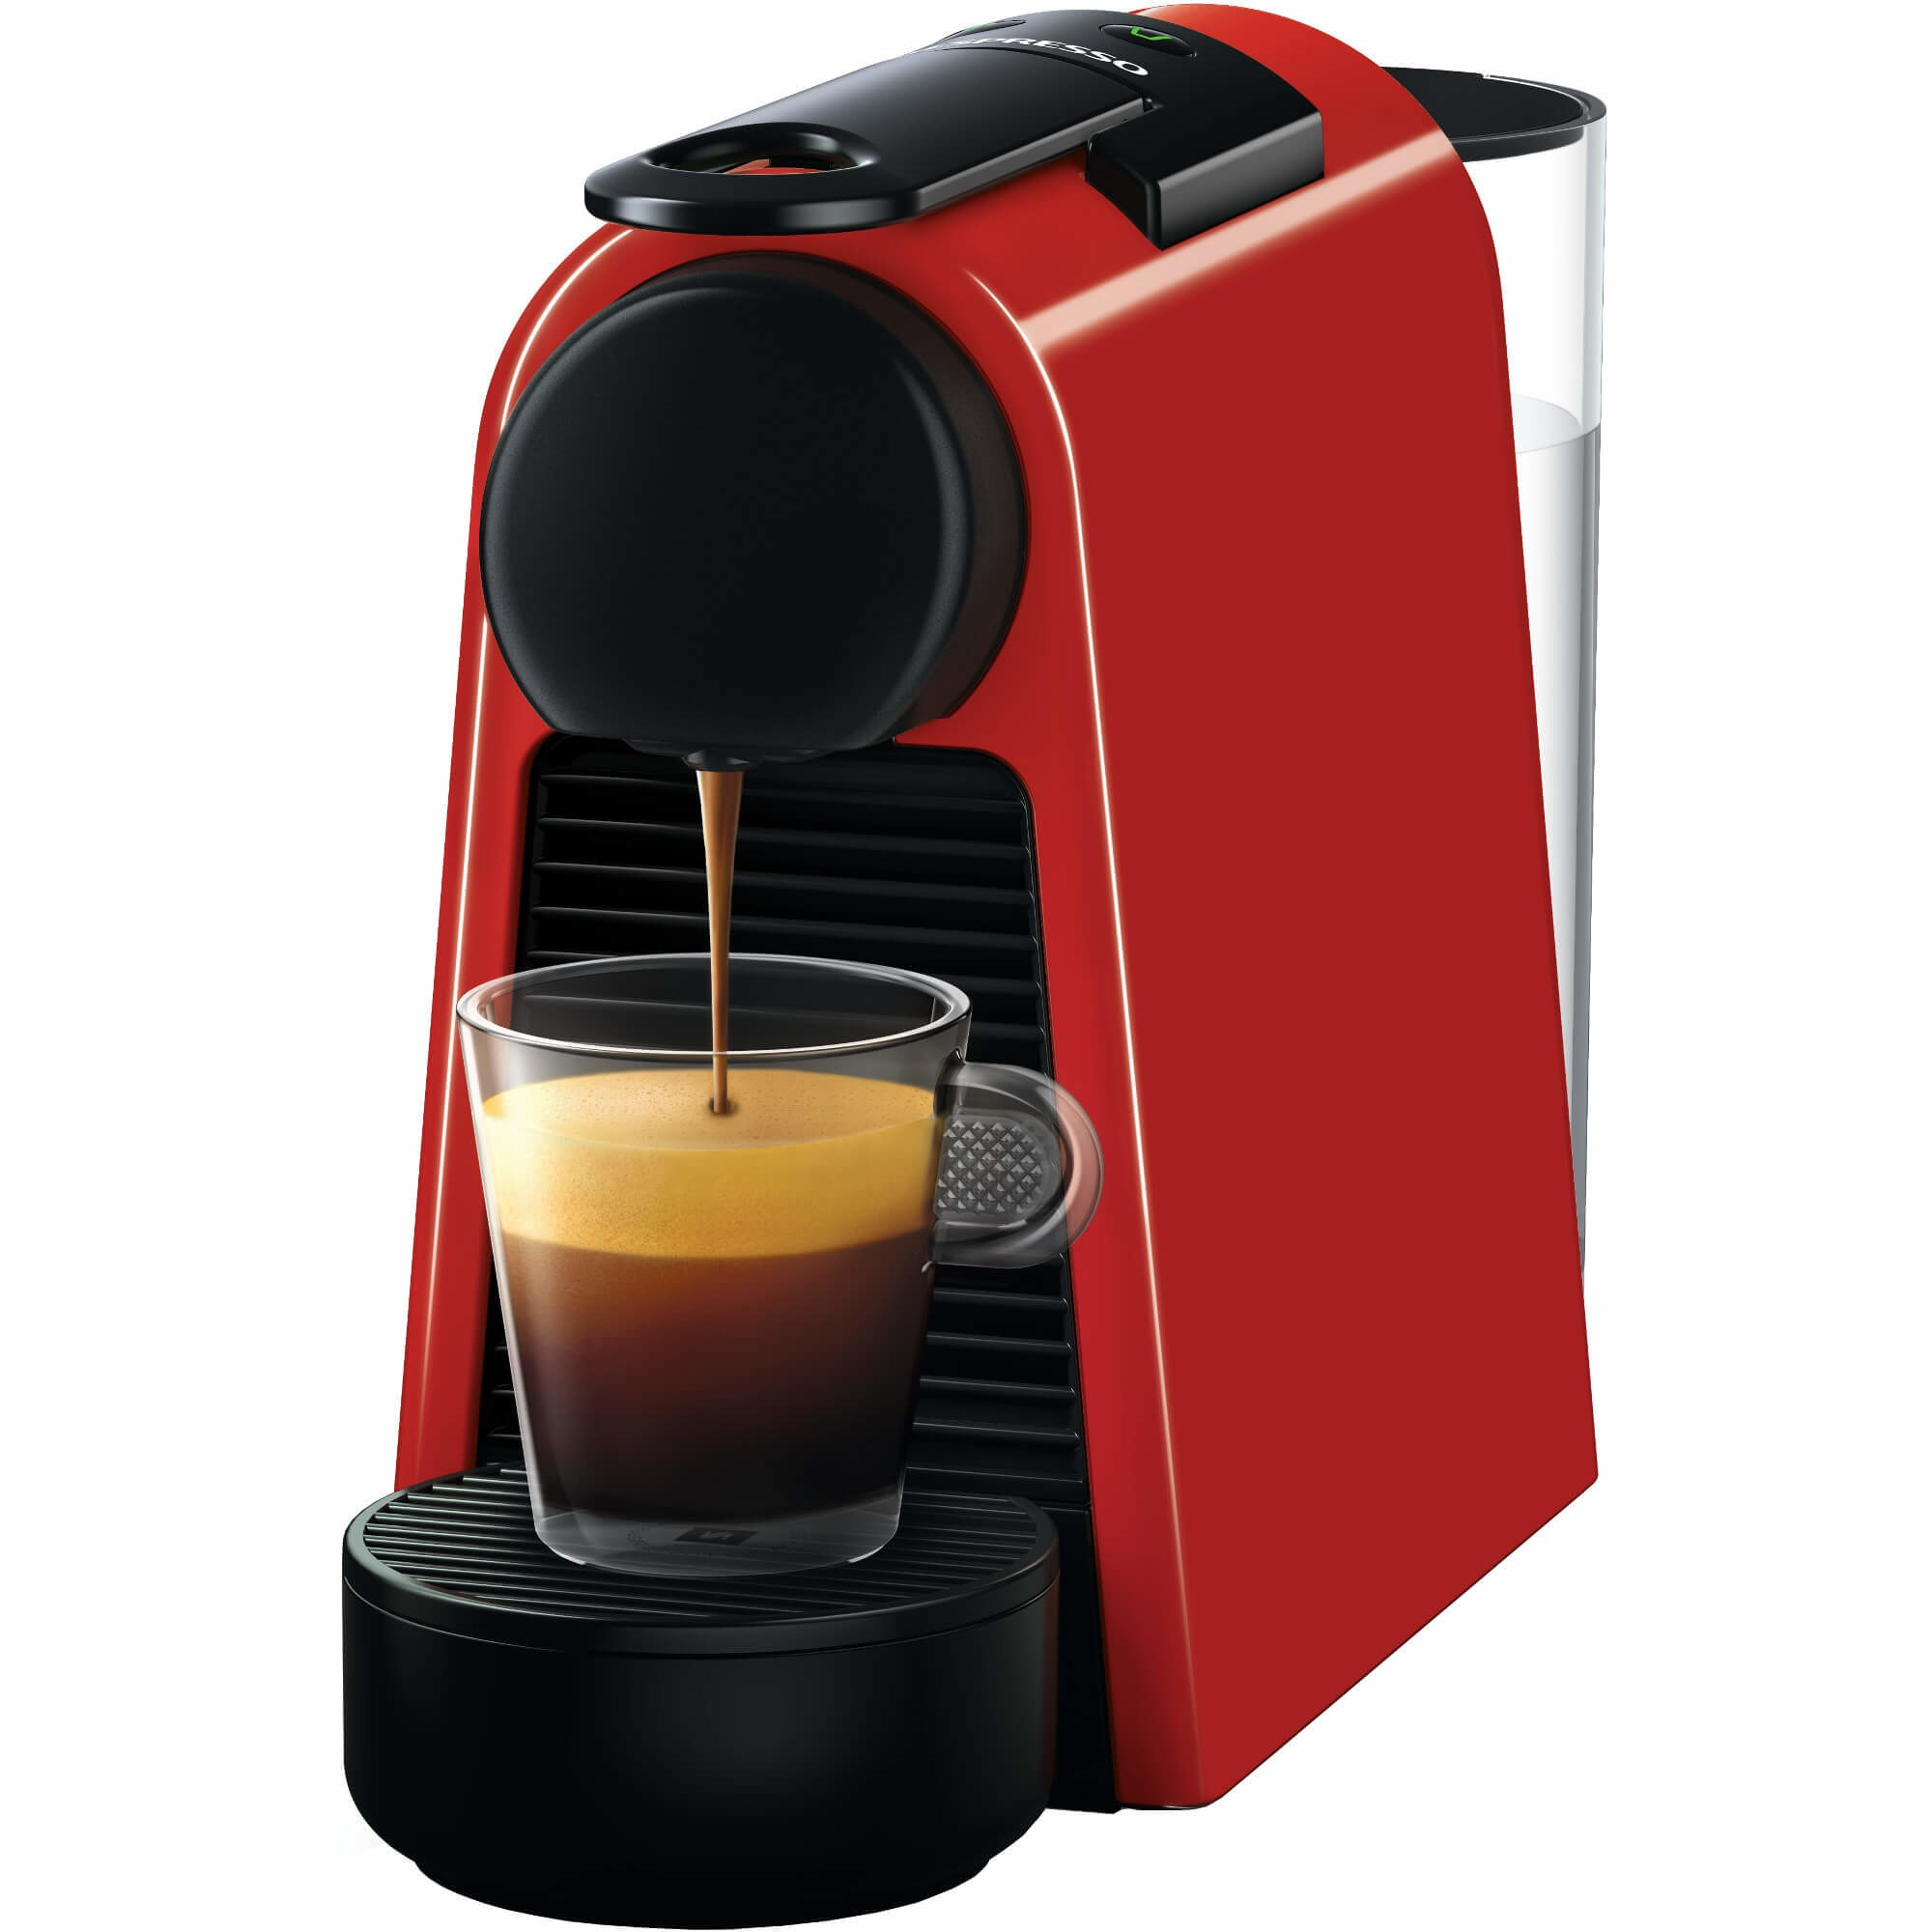 Fotografie Espressor Nespresso Essenza Mini Ruby Red D30-EU-RE-NE1, 19 bari, 1260 W, 0.6 l, Rosu + 14 capsule cadou